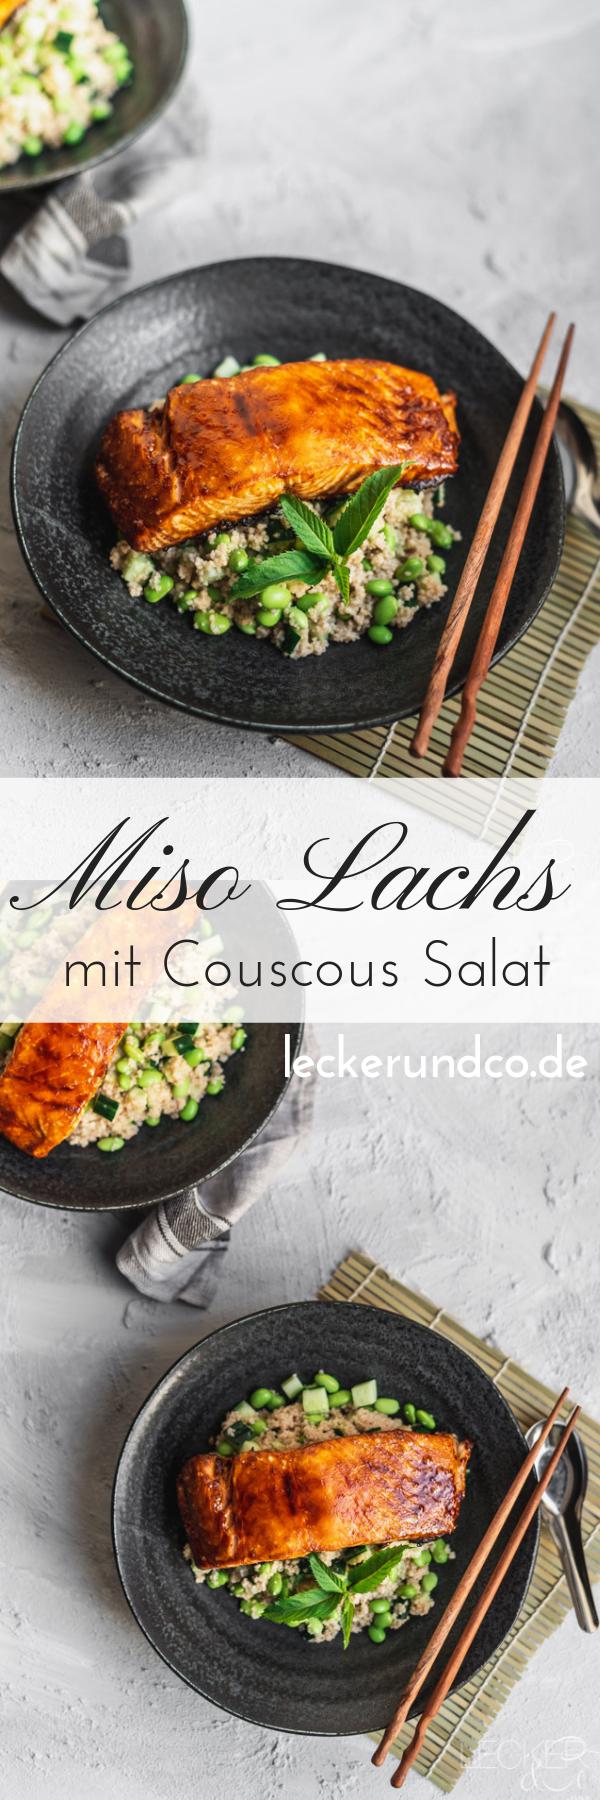 Miso glasierter Lachs mit Couscous Salat | LECKER&Co | Foodblog aus Nürnberg